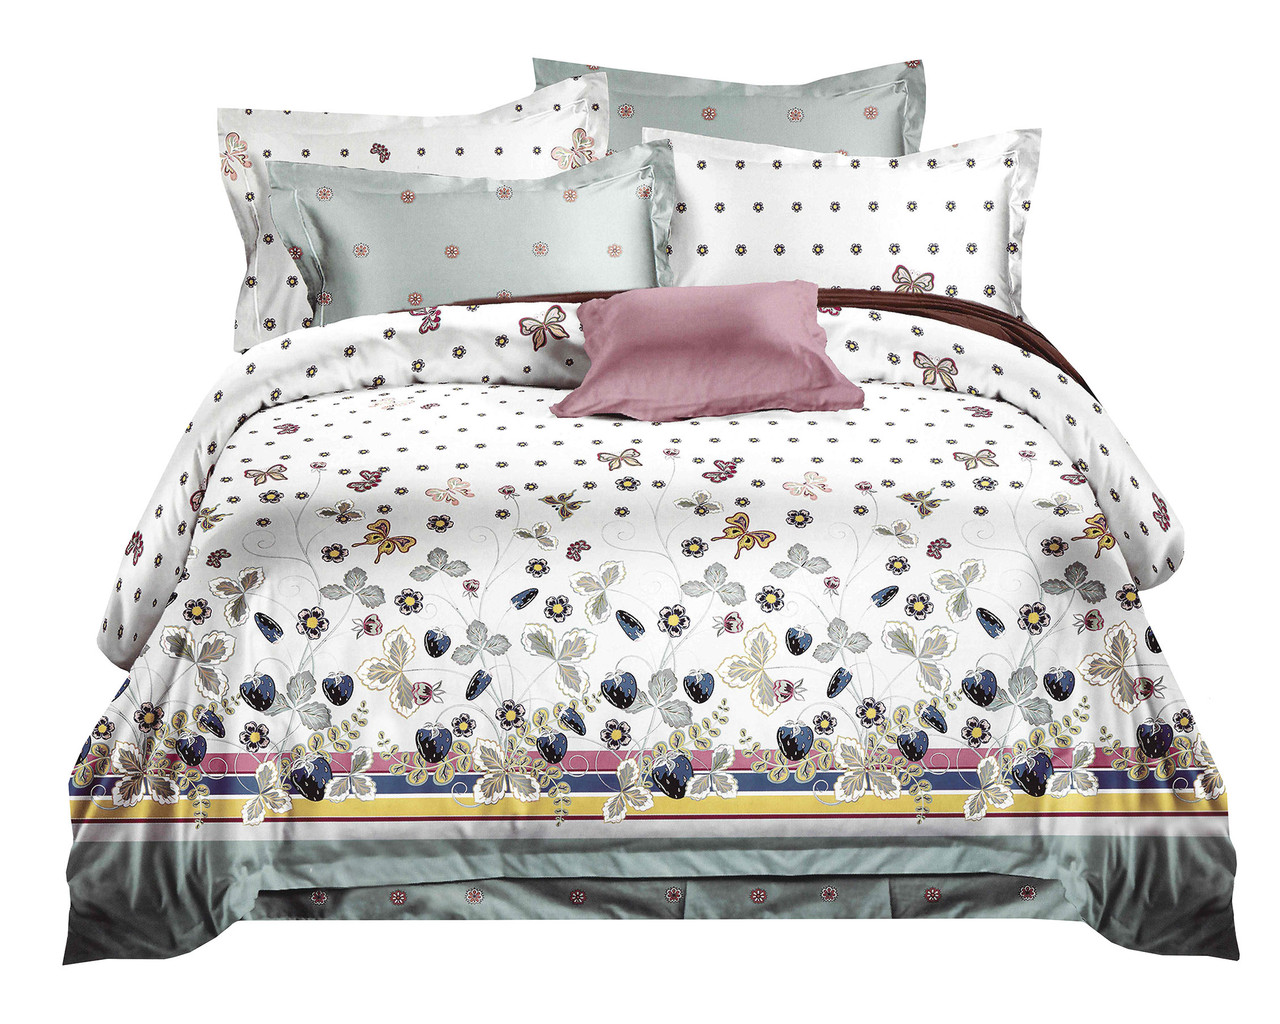 Комплект постельного белья Микроволокно HXDD-666 M&M 5867 Белый, Серый